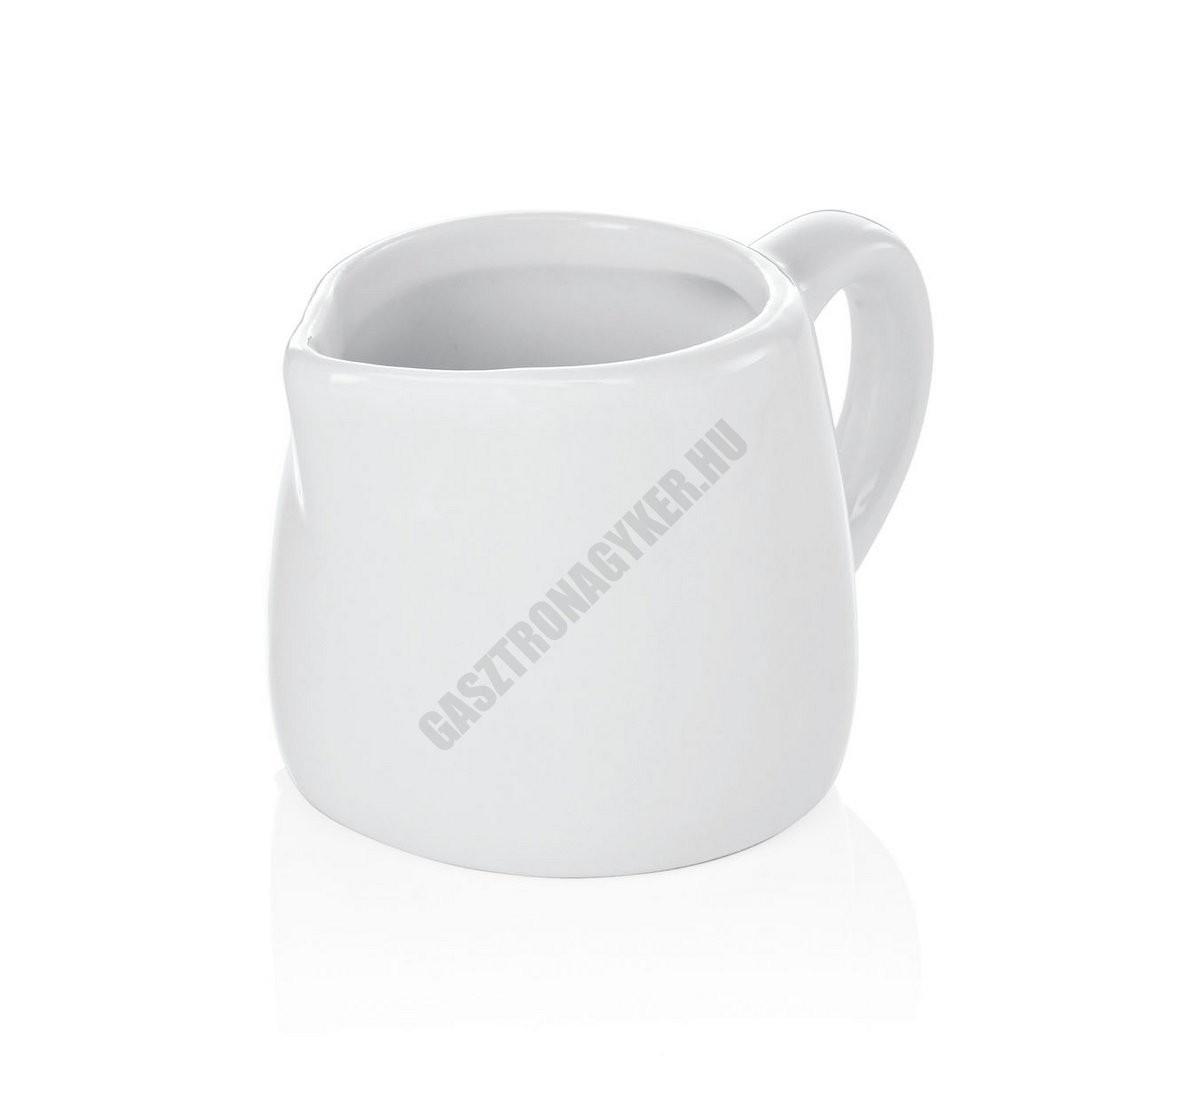 Tejszín kiöntő, 150 ml, porcelán